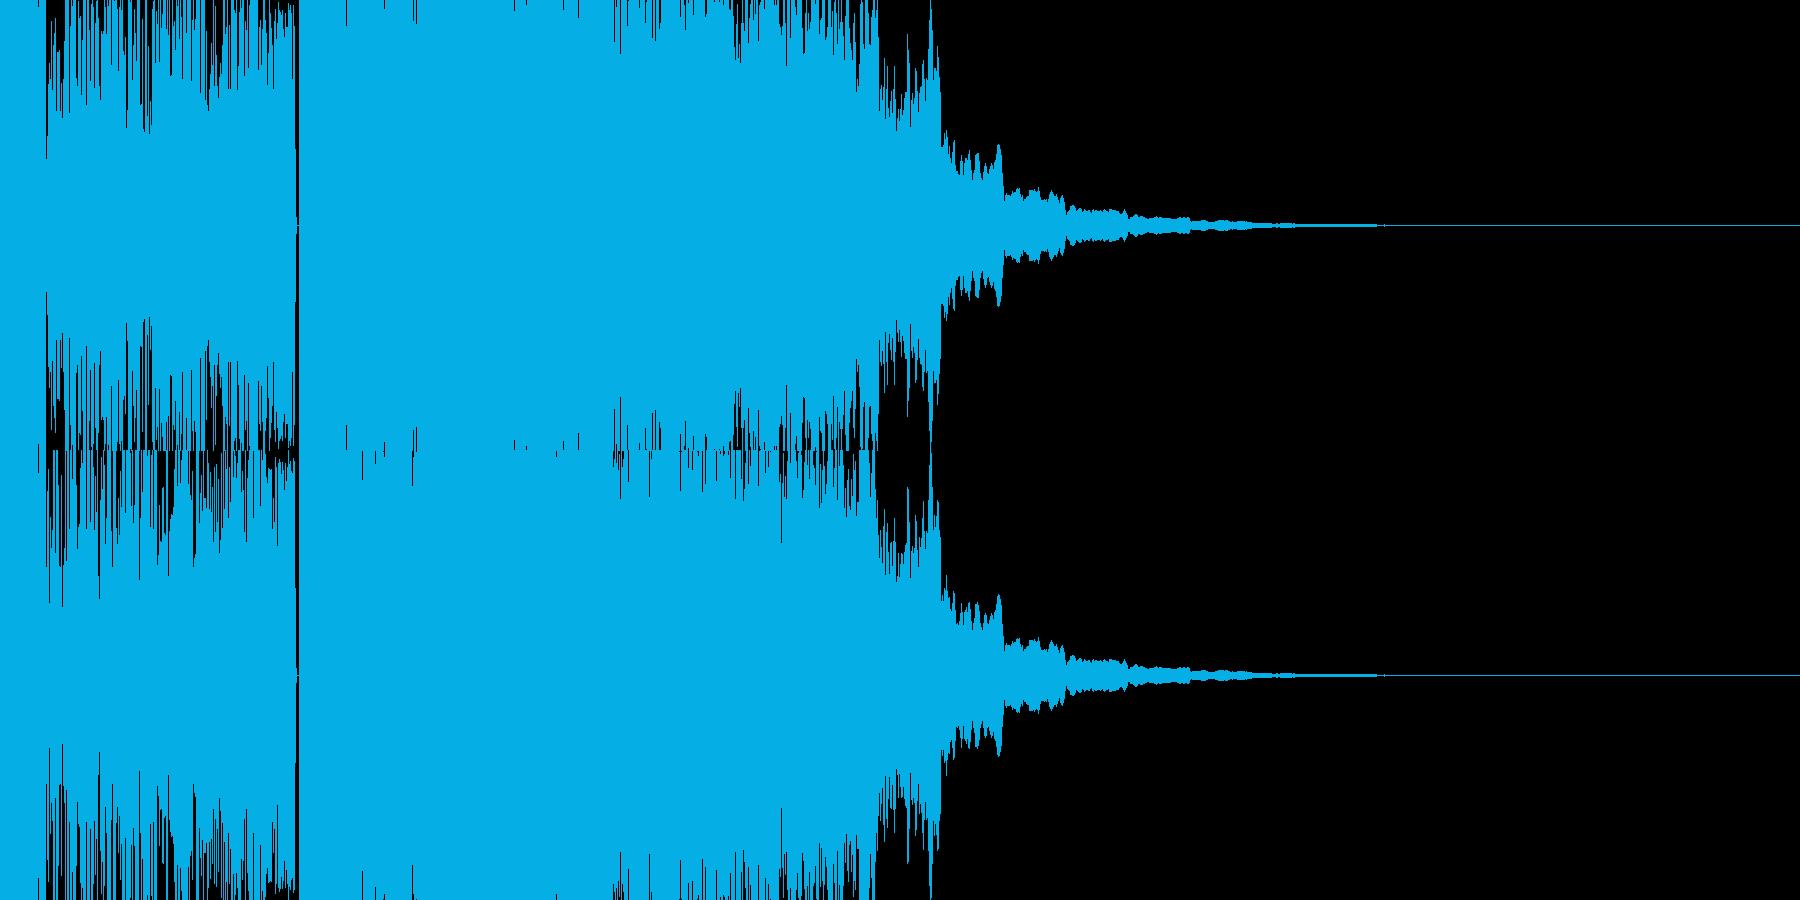 ドドドドドドドドパキーンの再生済みの波形